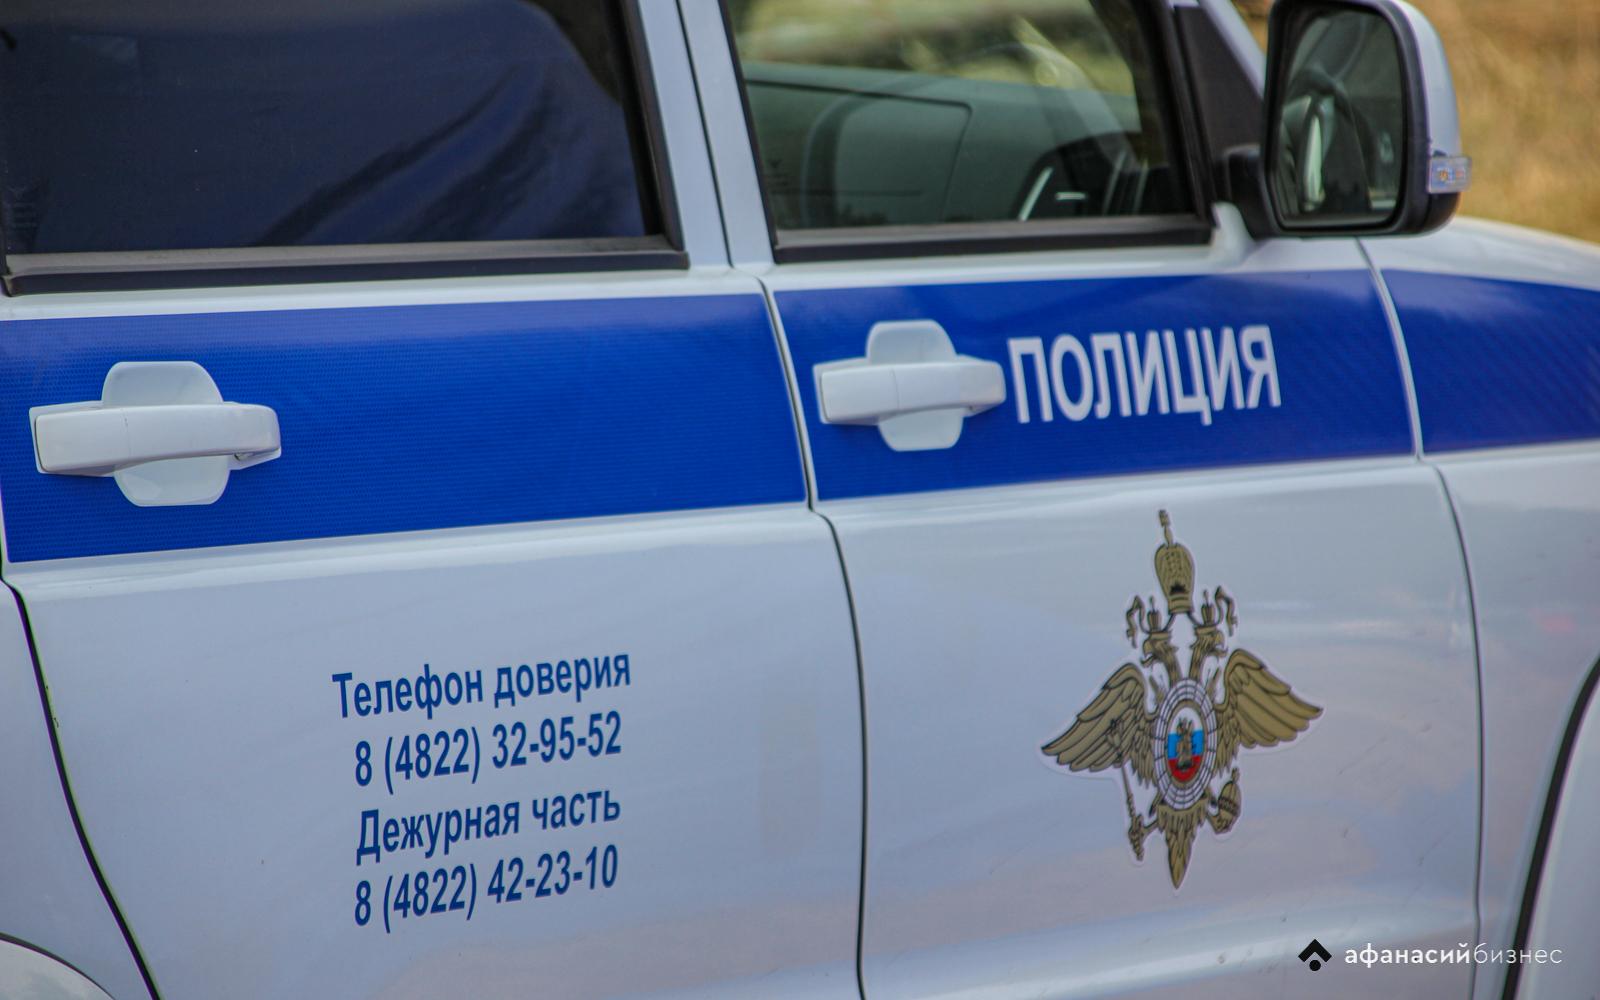 В Тверской области две девушки попались на краже телефона - новости Афанасий